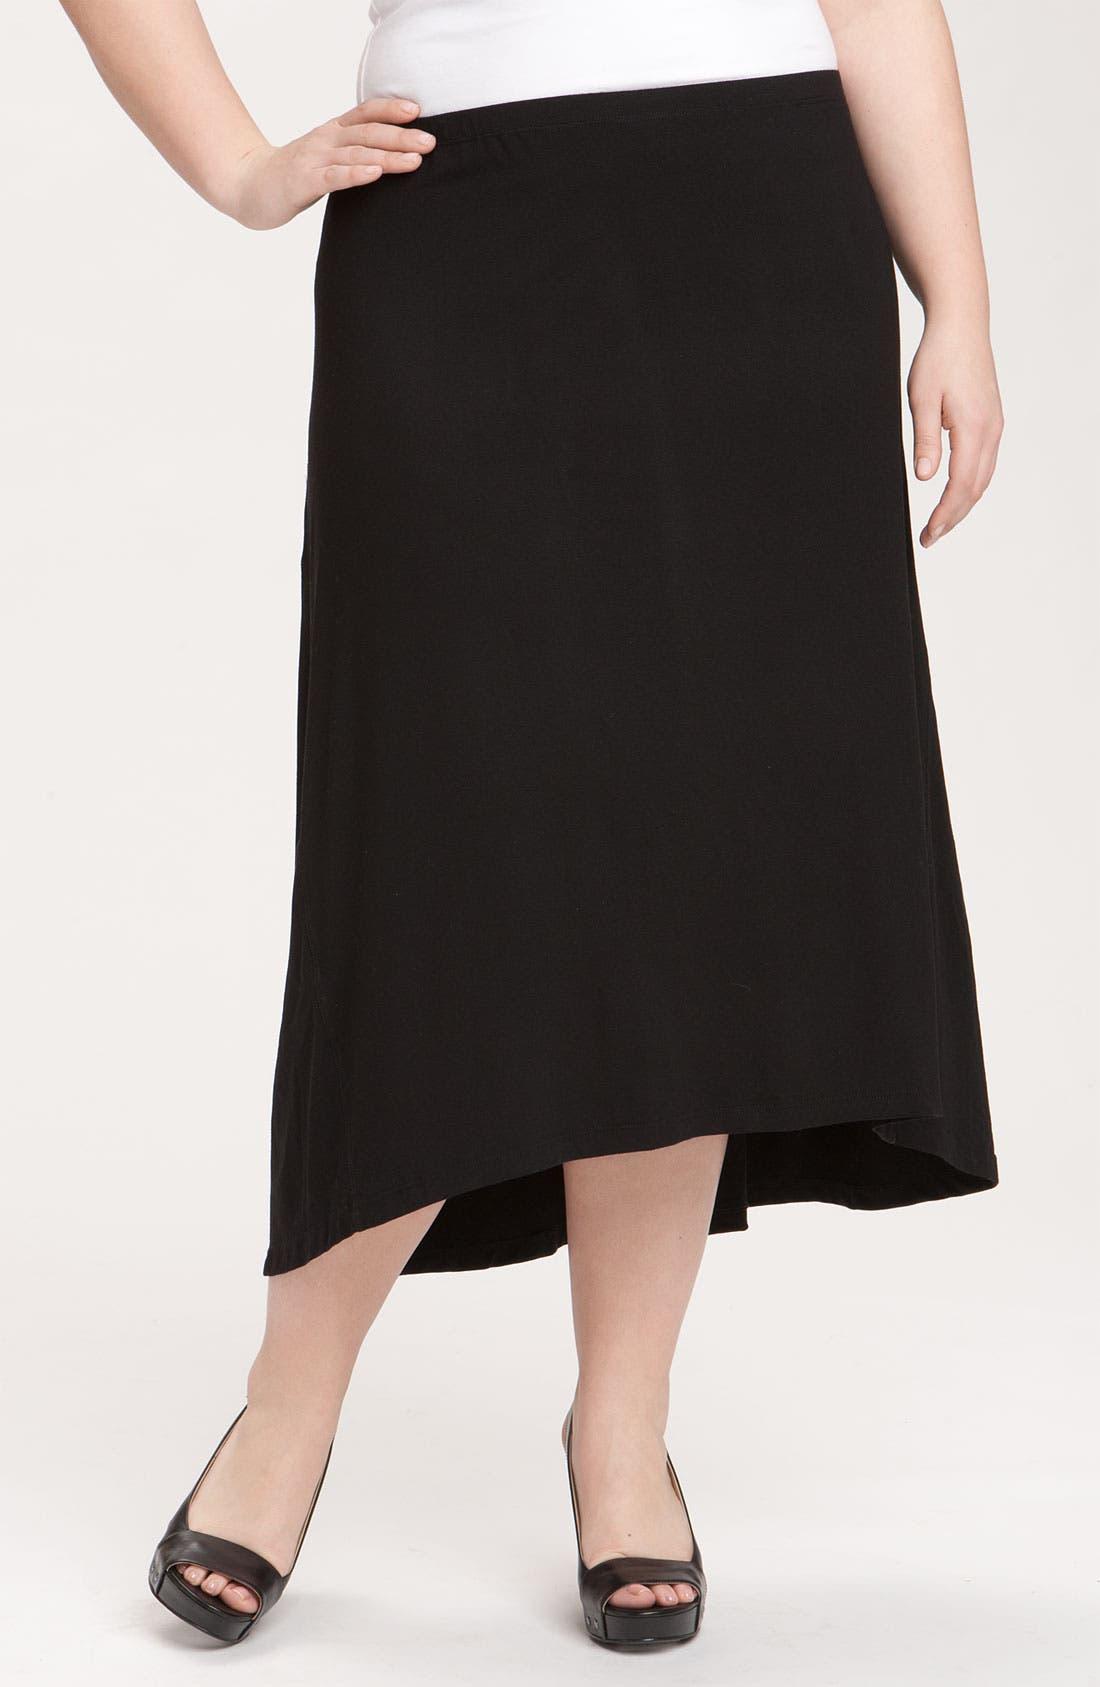 Alternate Image 1 Selected - Eileen Fisher Asymmetrical Hem Knit Skirt (Plus)